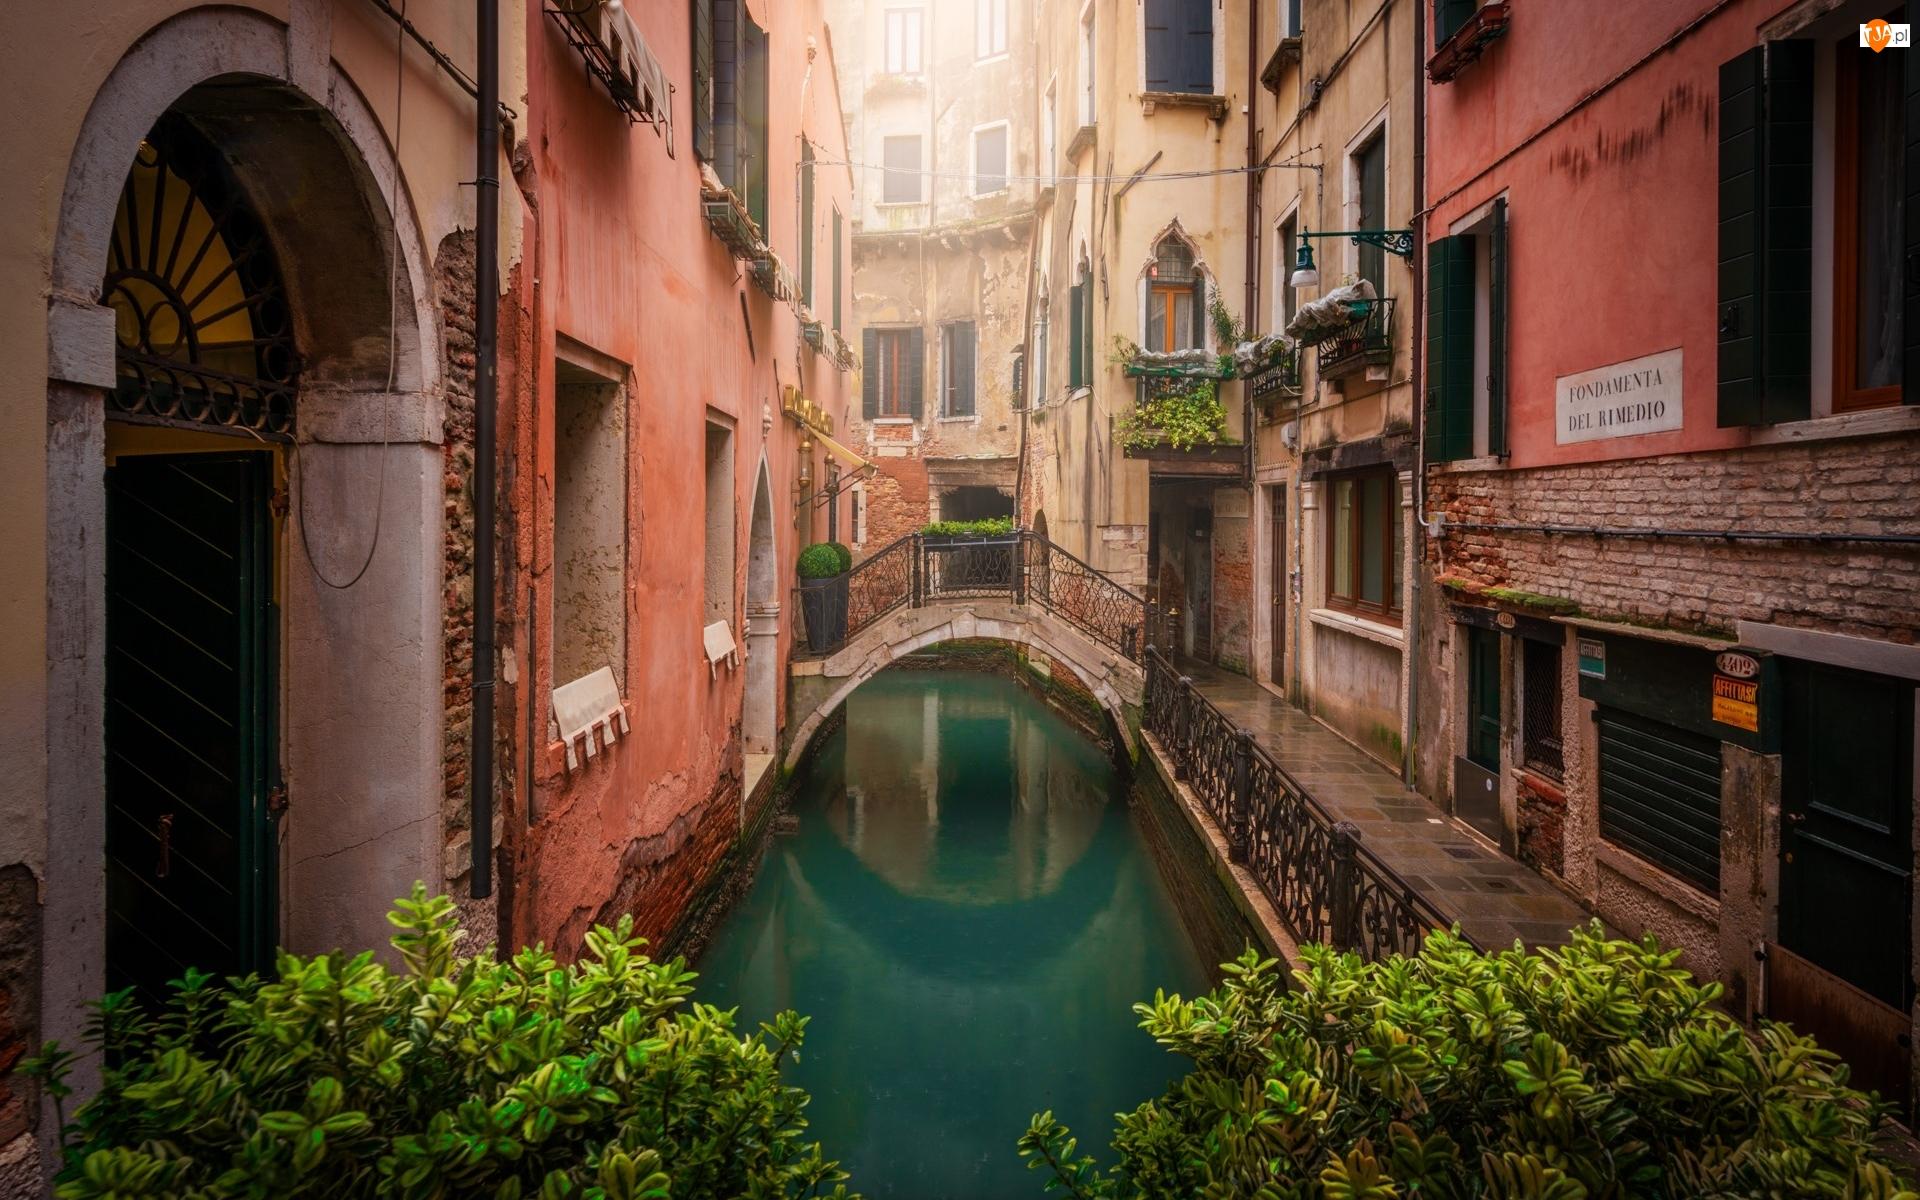 Wenecja, Włochy, Most, Roślinność, Domy, Kanał